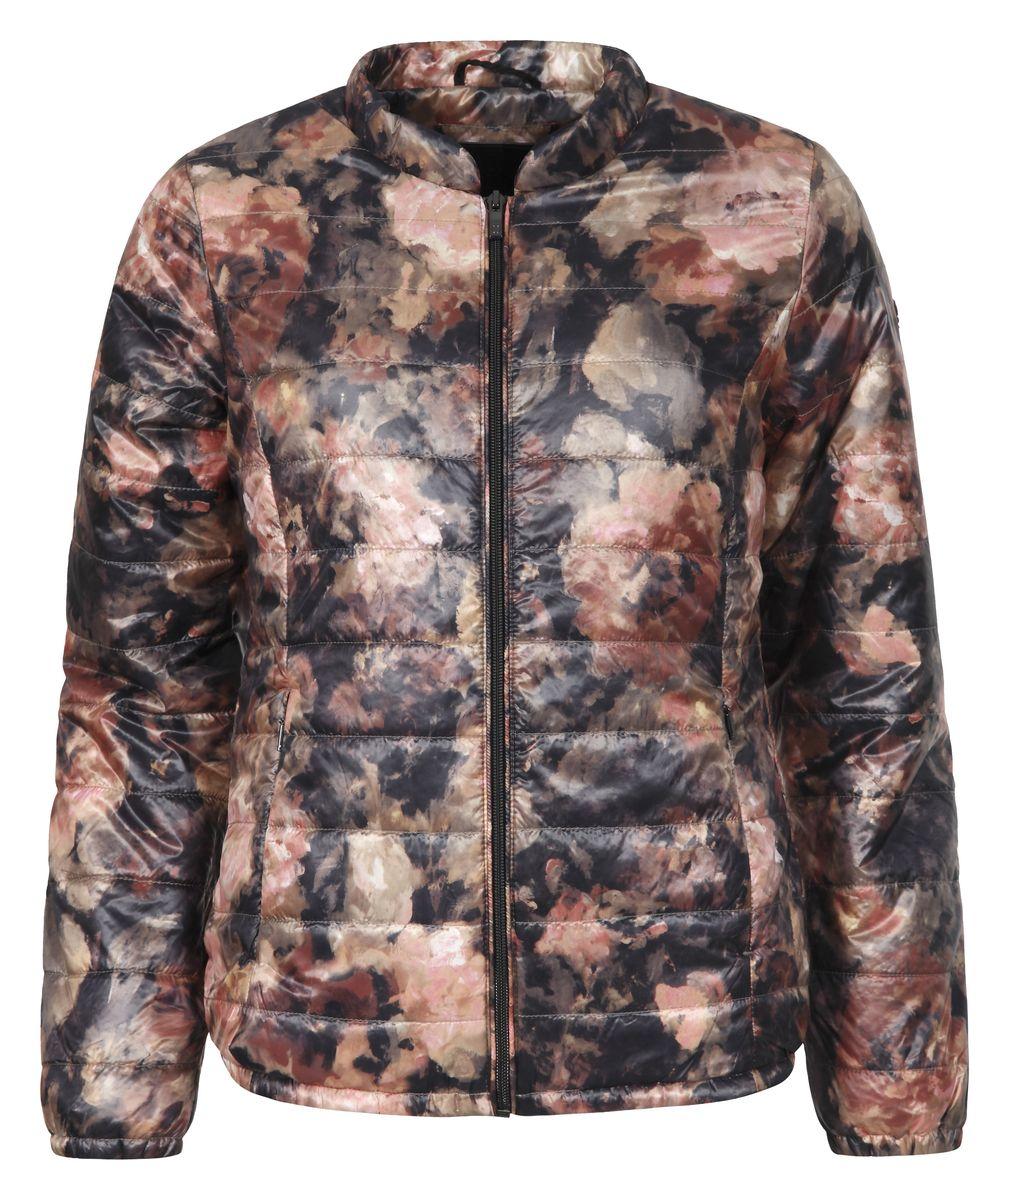 Куртка636479364LVЖенская куртка Luhta Piiku с длинными рукавами и круглым вырезом горловины выполнена из полиамида. Наполнитель - синтепон. Куртка застегивается на застежку-молнию спереди. Изделие оснащено двумя втачными карманами на молниях спереди и внутренним втачным карманом на застежке-молнии. Куртка оформлена красочным цветочным принтом.